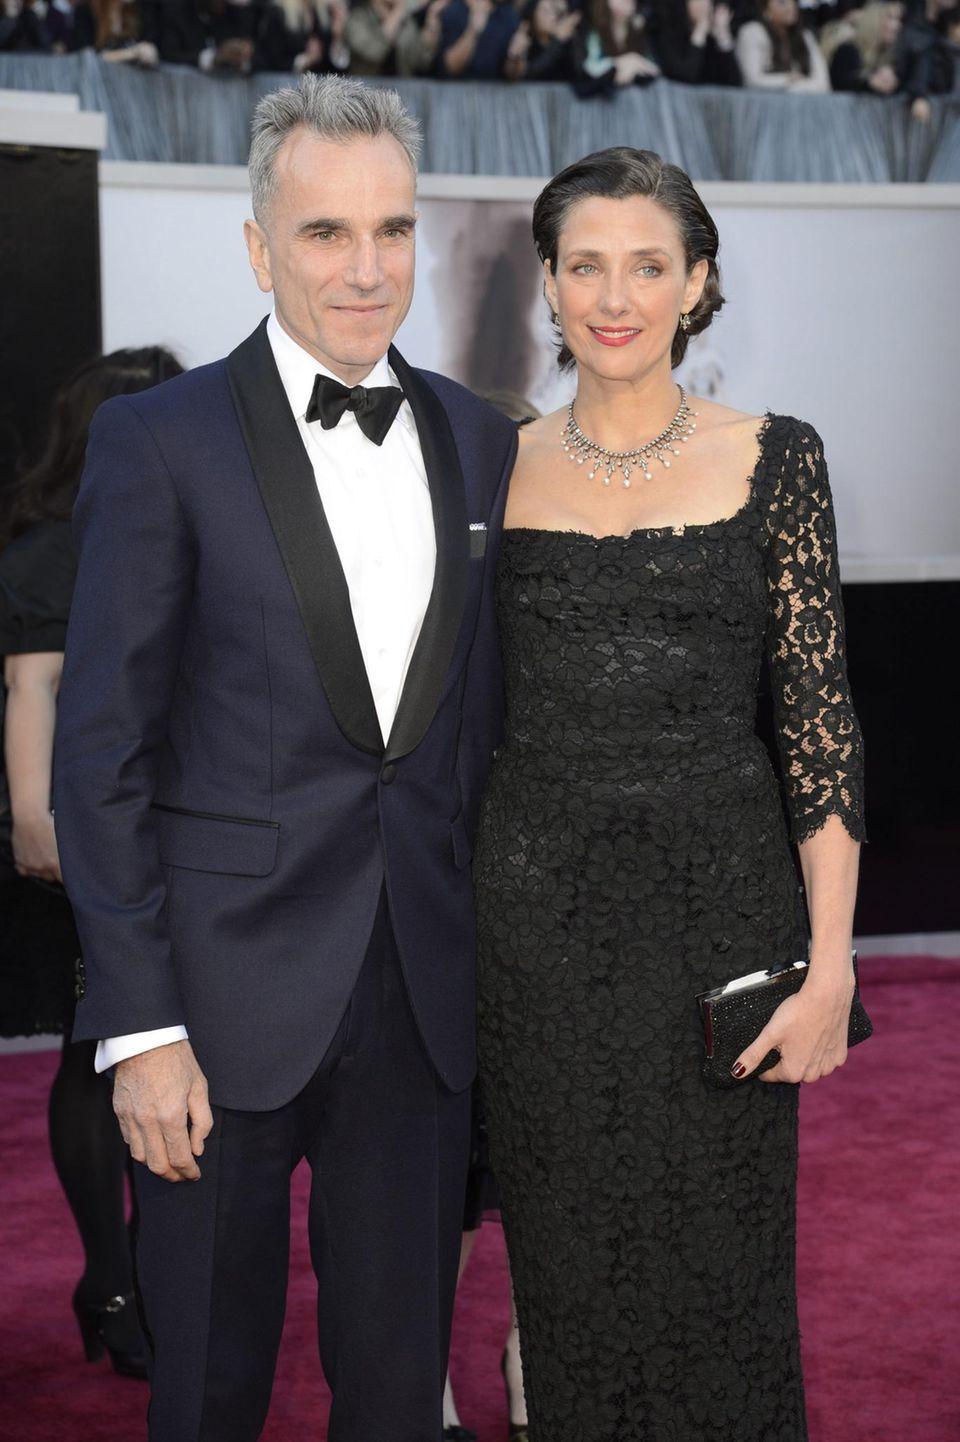 Daniel Day-Lewis und seine Frau Rebecca Miller bei der Oscar-Verleihung 2013